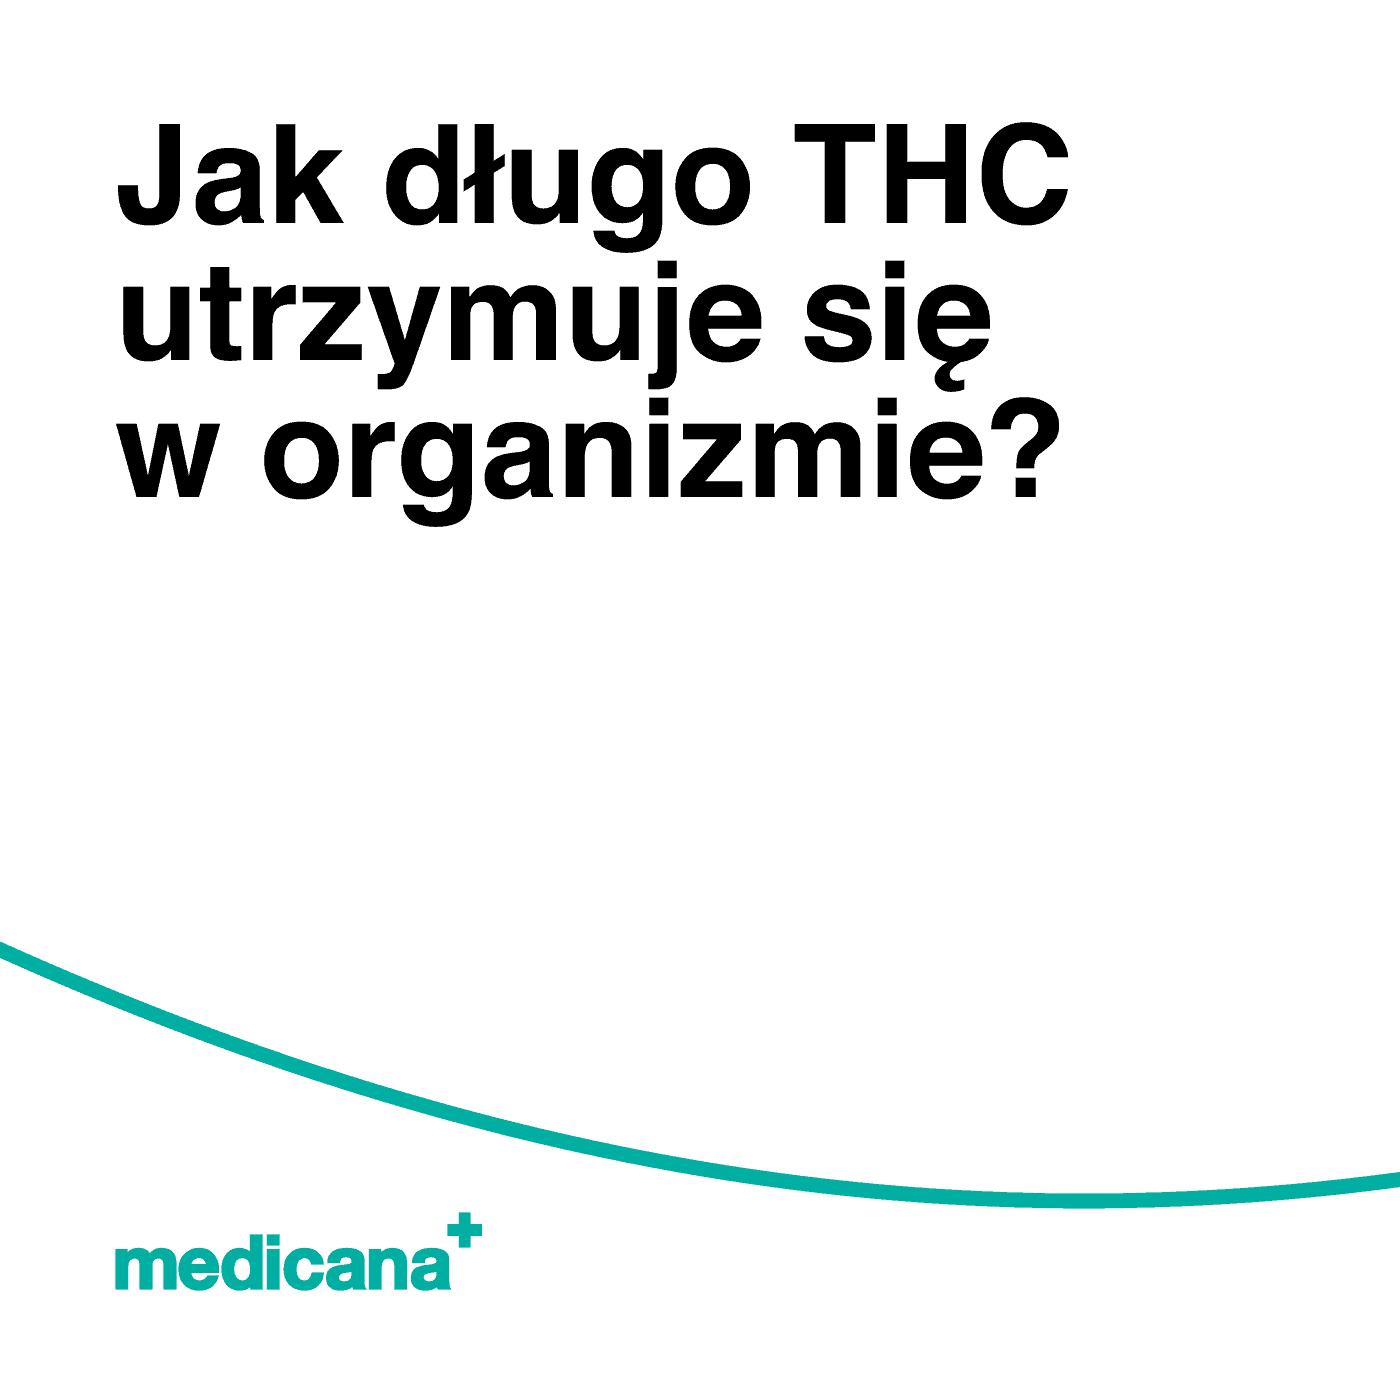 Grafika, białe tło z zieloną linią, czarnym napisem Jak długo THC utrzymuje się w organizmie? oraz zielonym logo Medicana w lewym dolnym rogu.